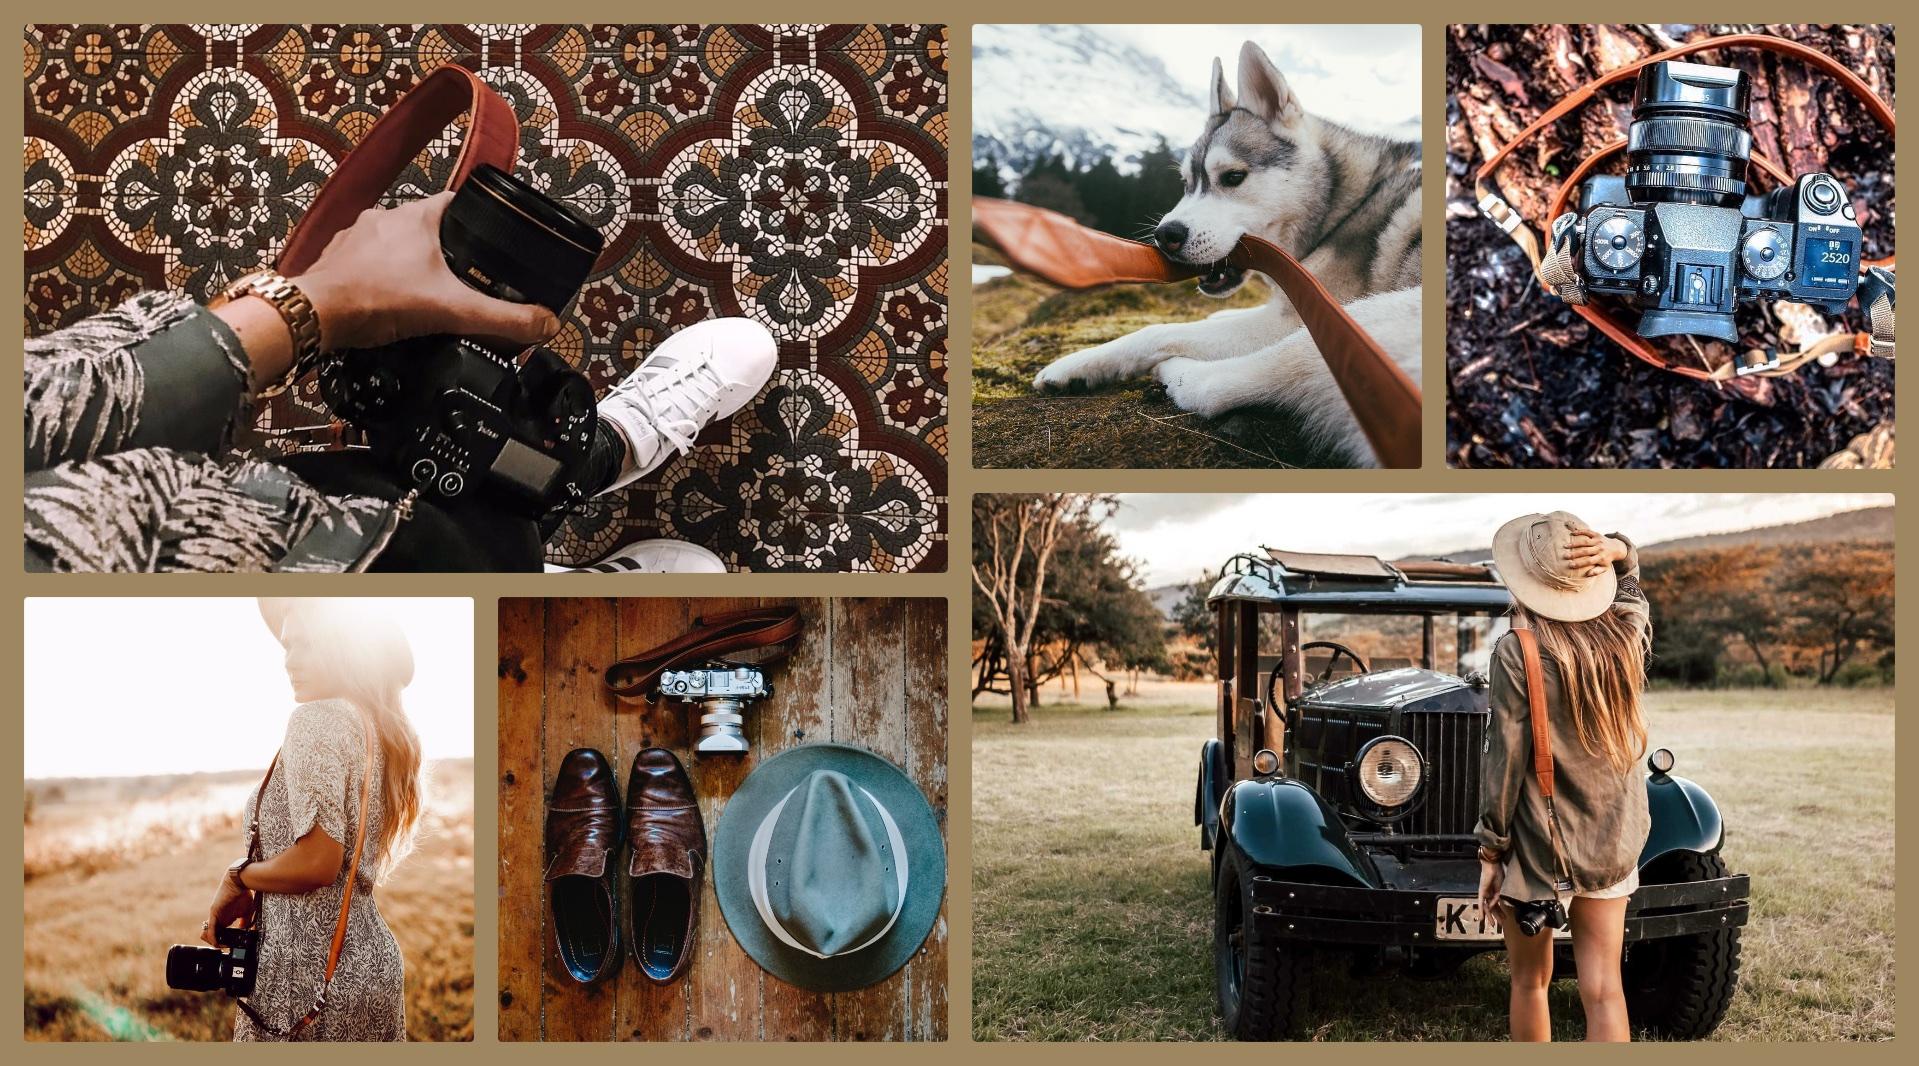 compagnon_camera_strap_collage